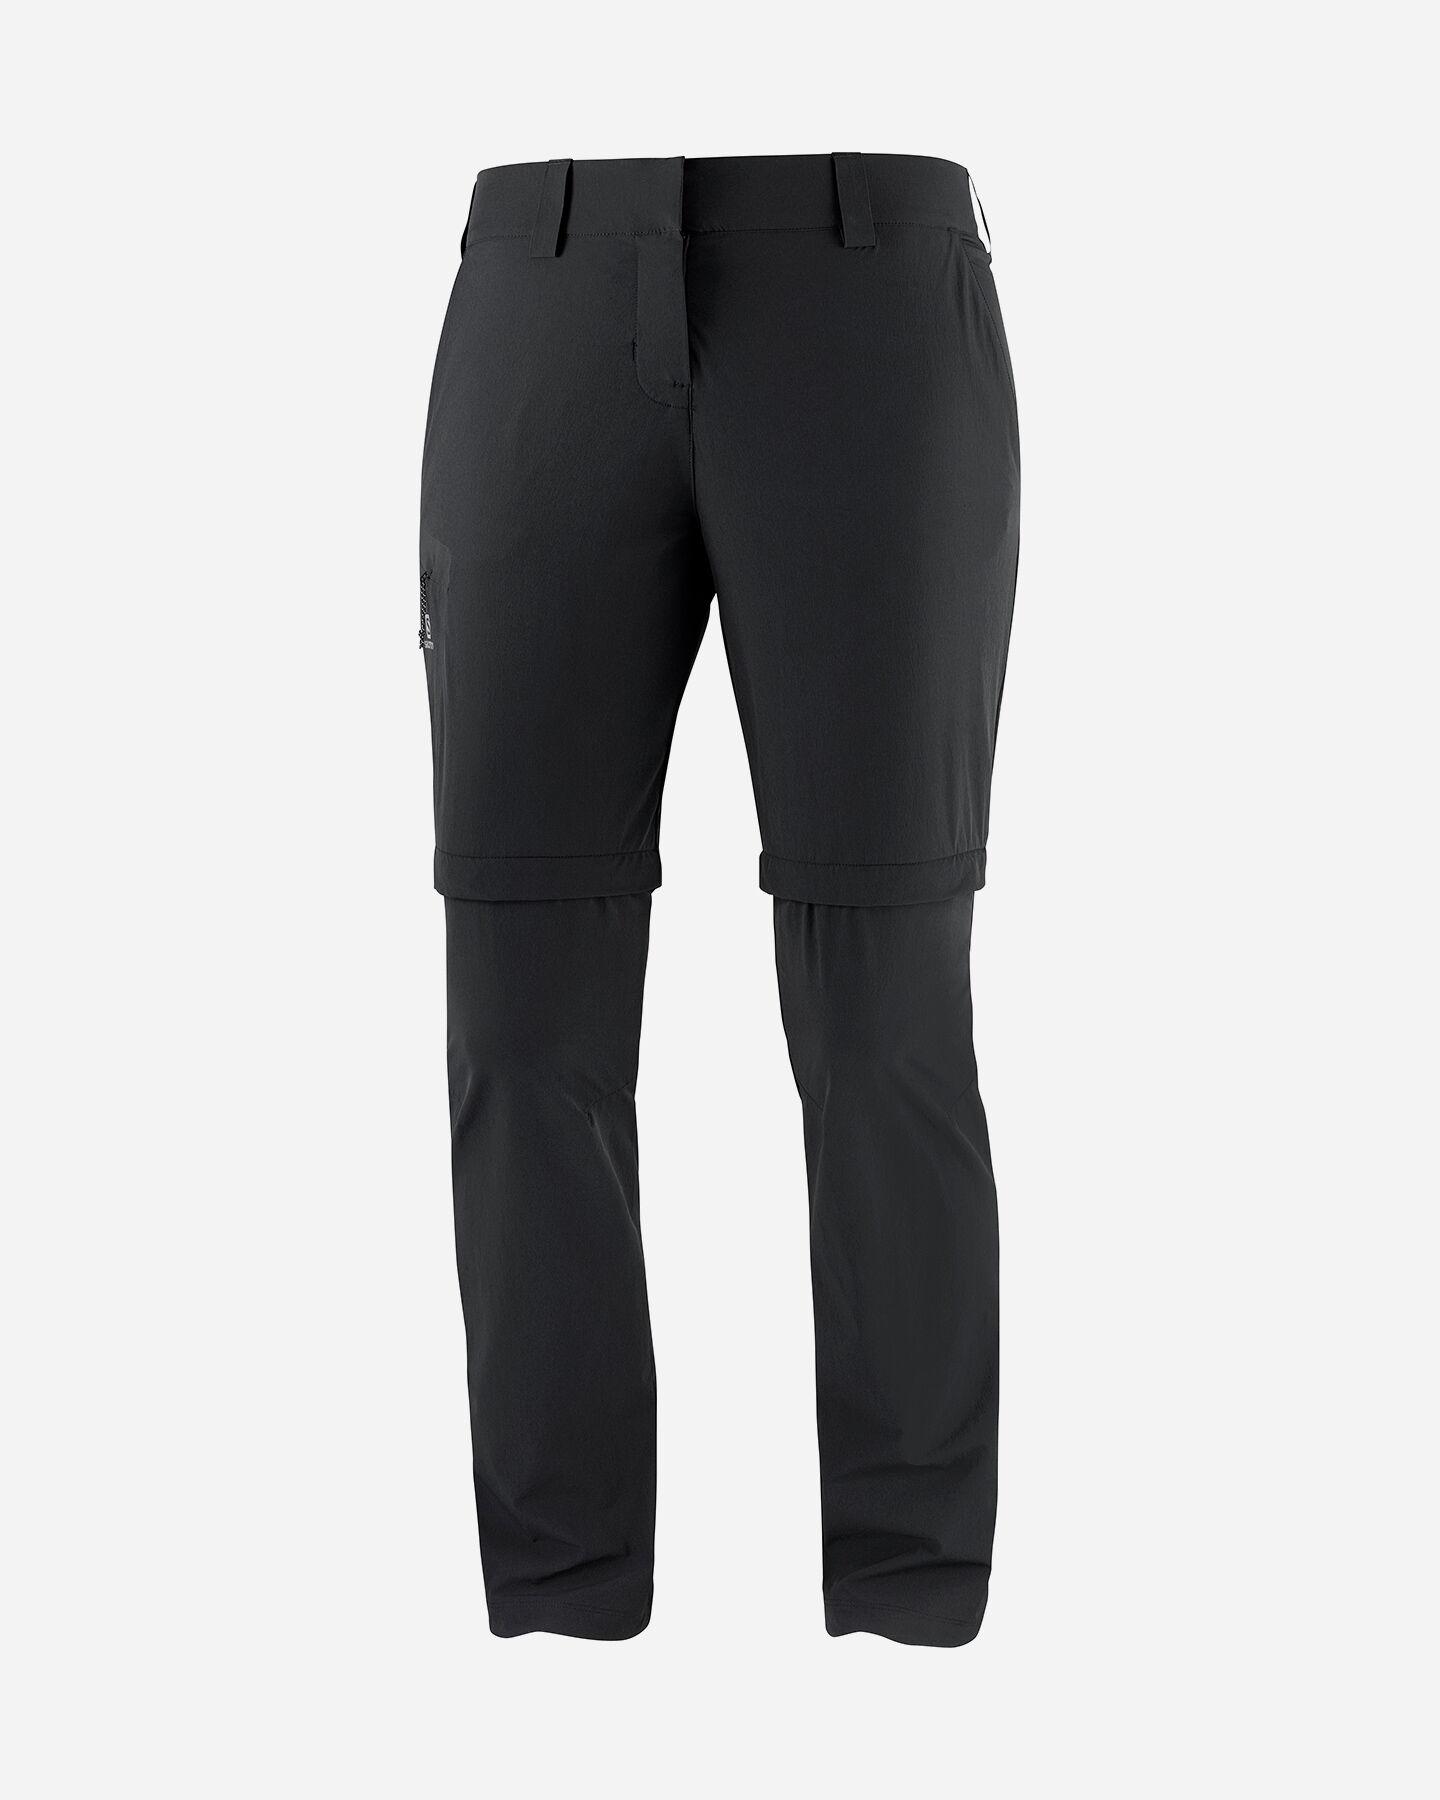 Pantalone outdoor SALOMON OUTLINE W S5288493 scatto 0